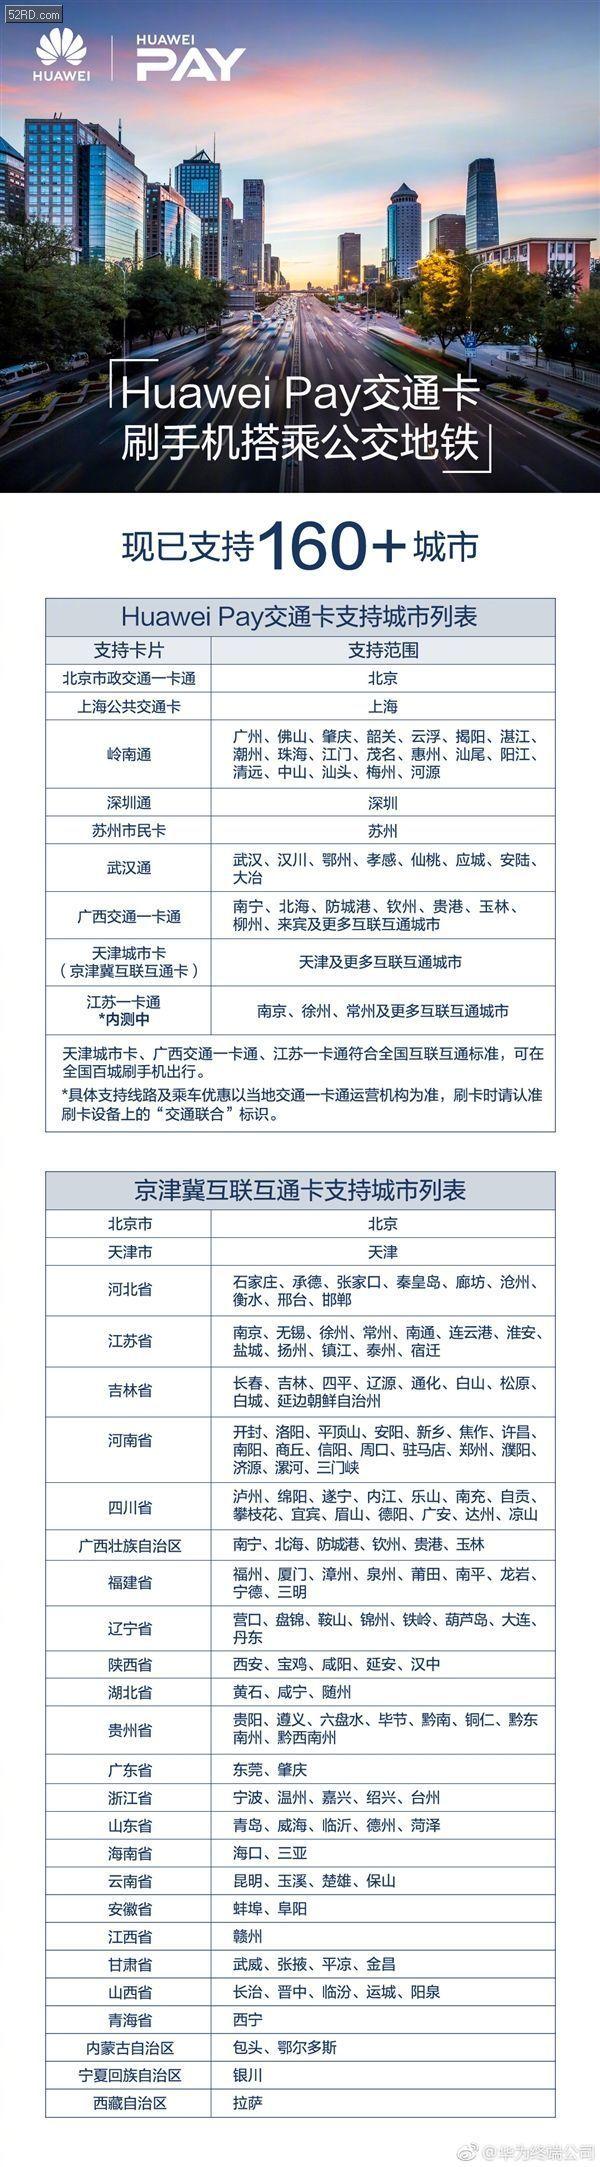 华为公司公布支持交通卡城市:已覆盖160余个